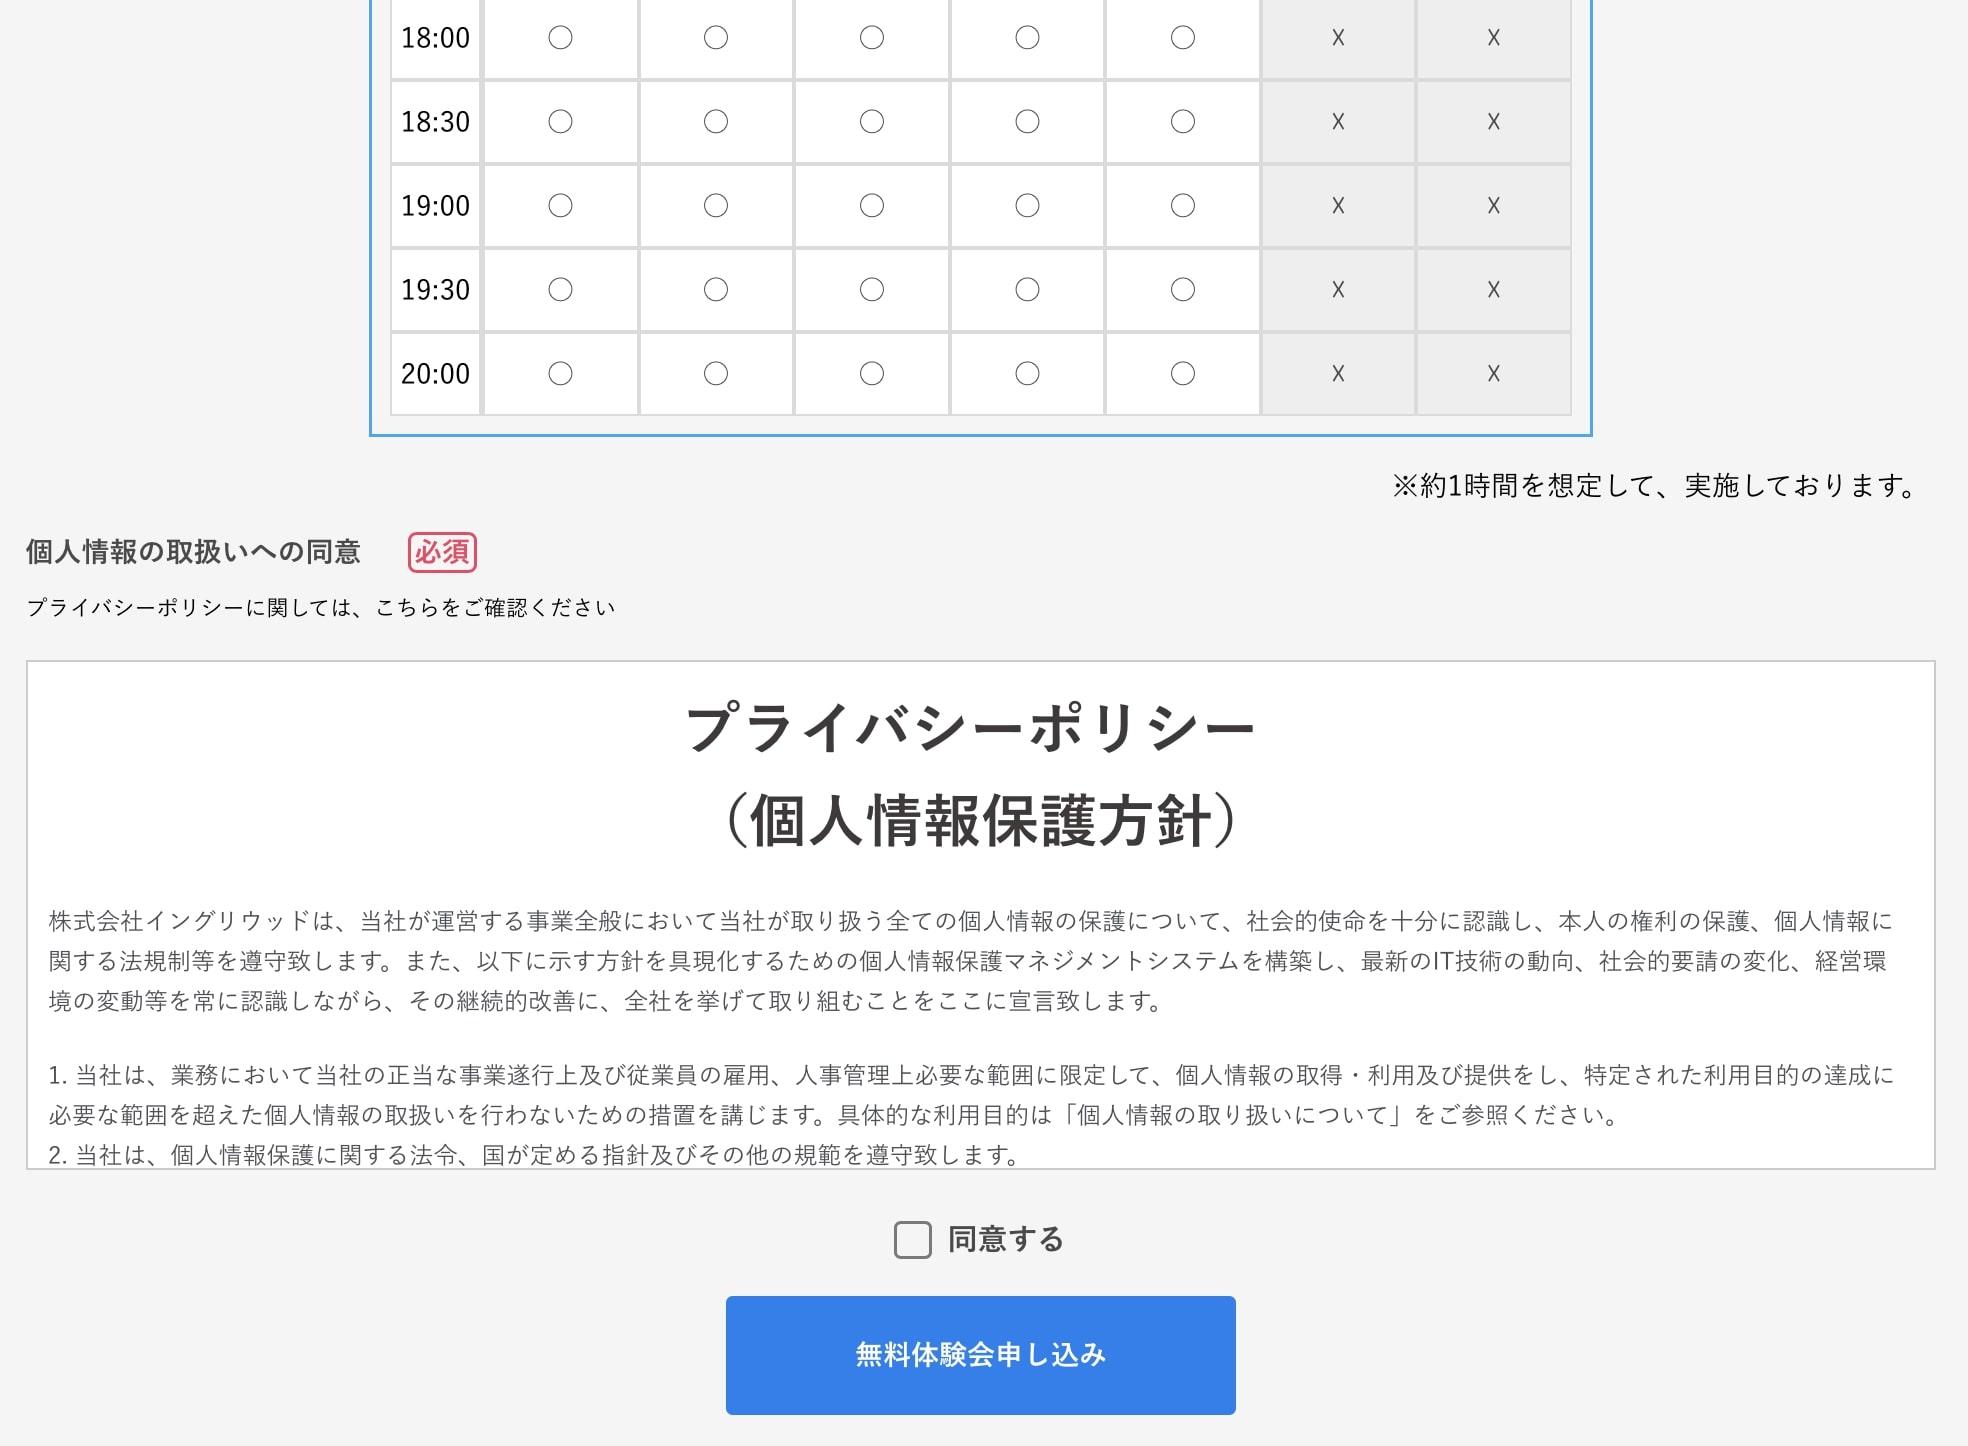 ビズデジの無料体験会予約フォームNO3